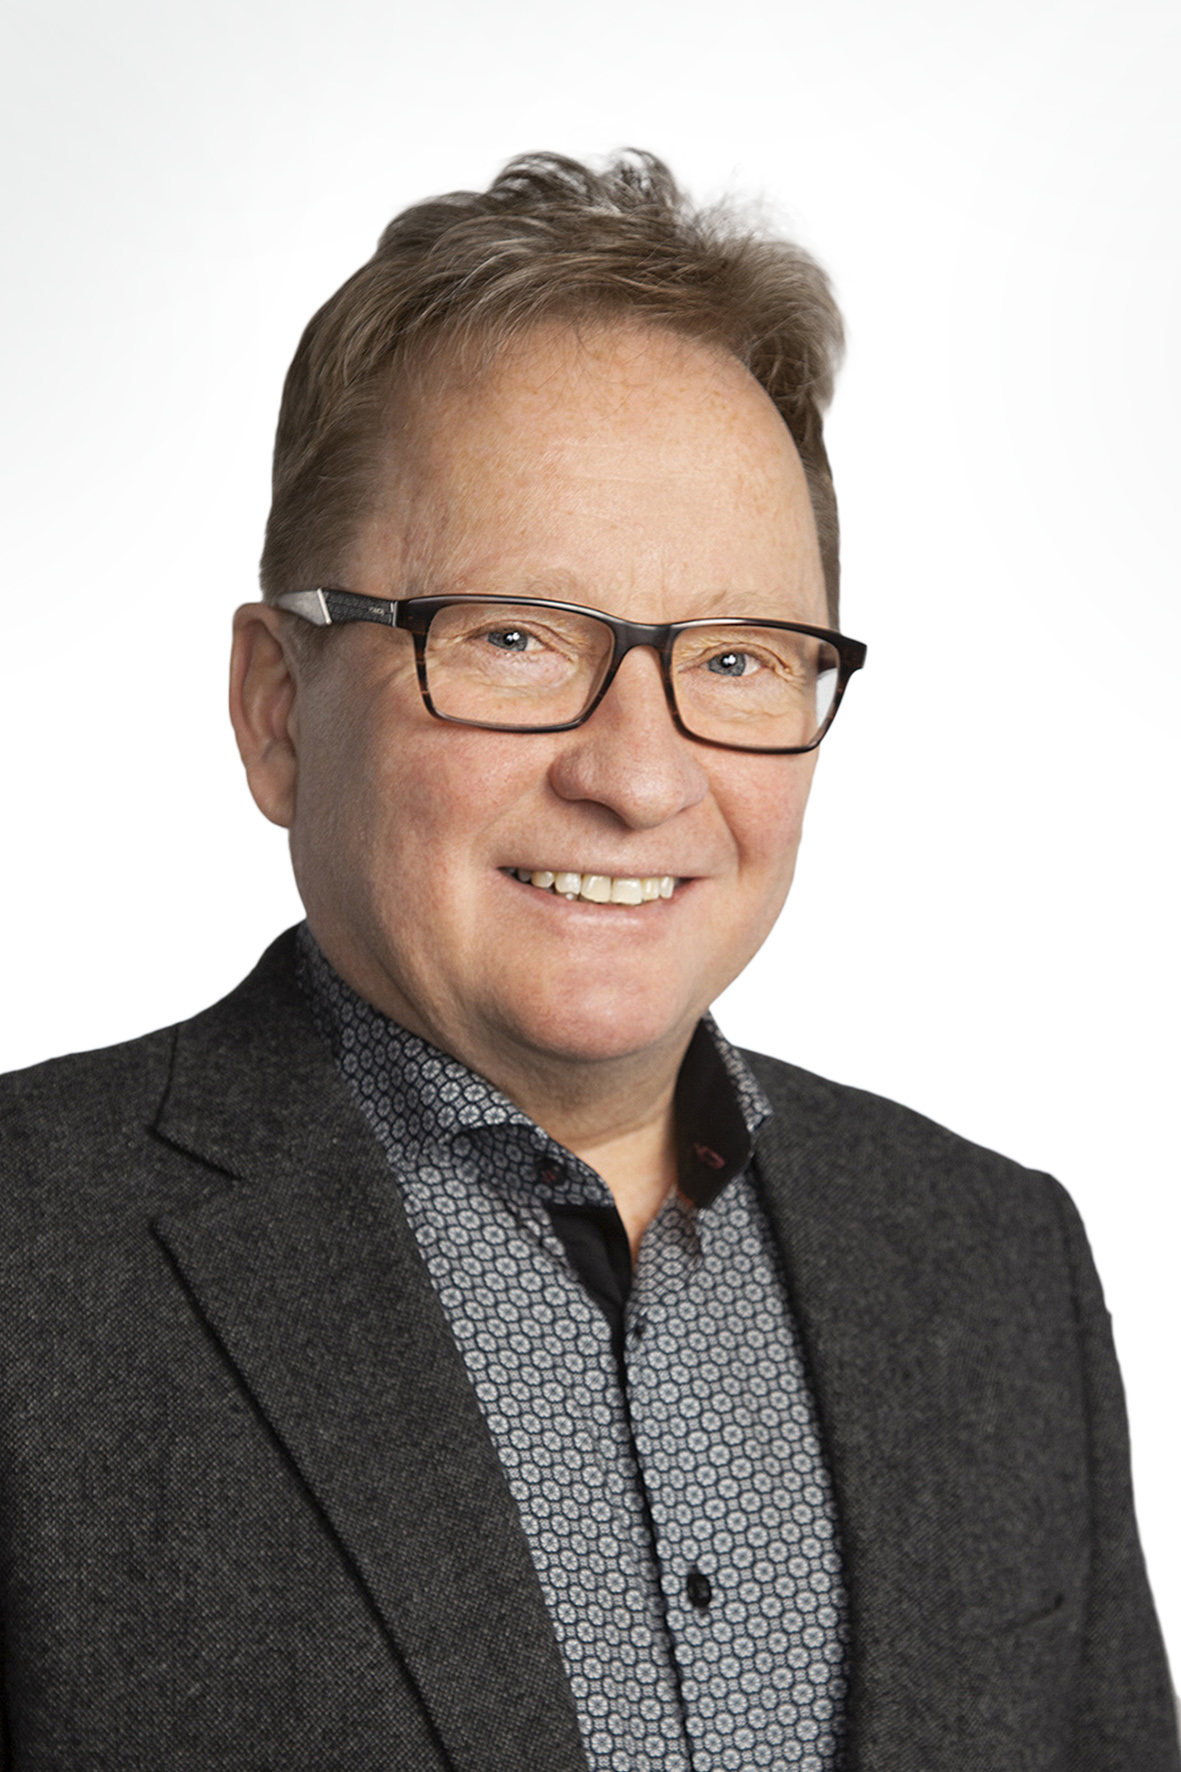 Jorma Vuorenmaa : Lakiasiain assistentti, Oikeusopin tutkinto, MTT